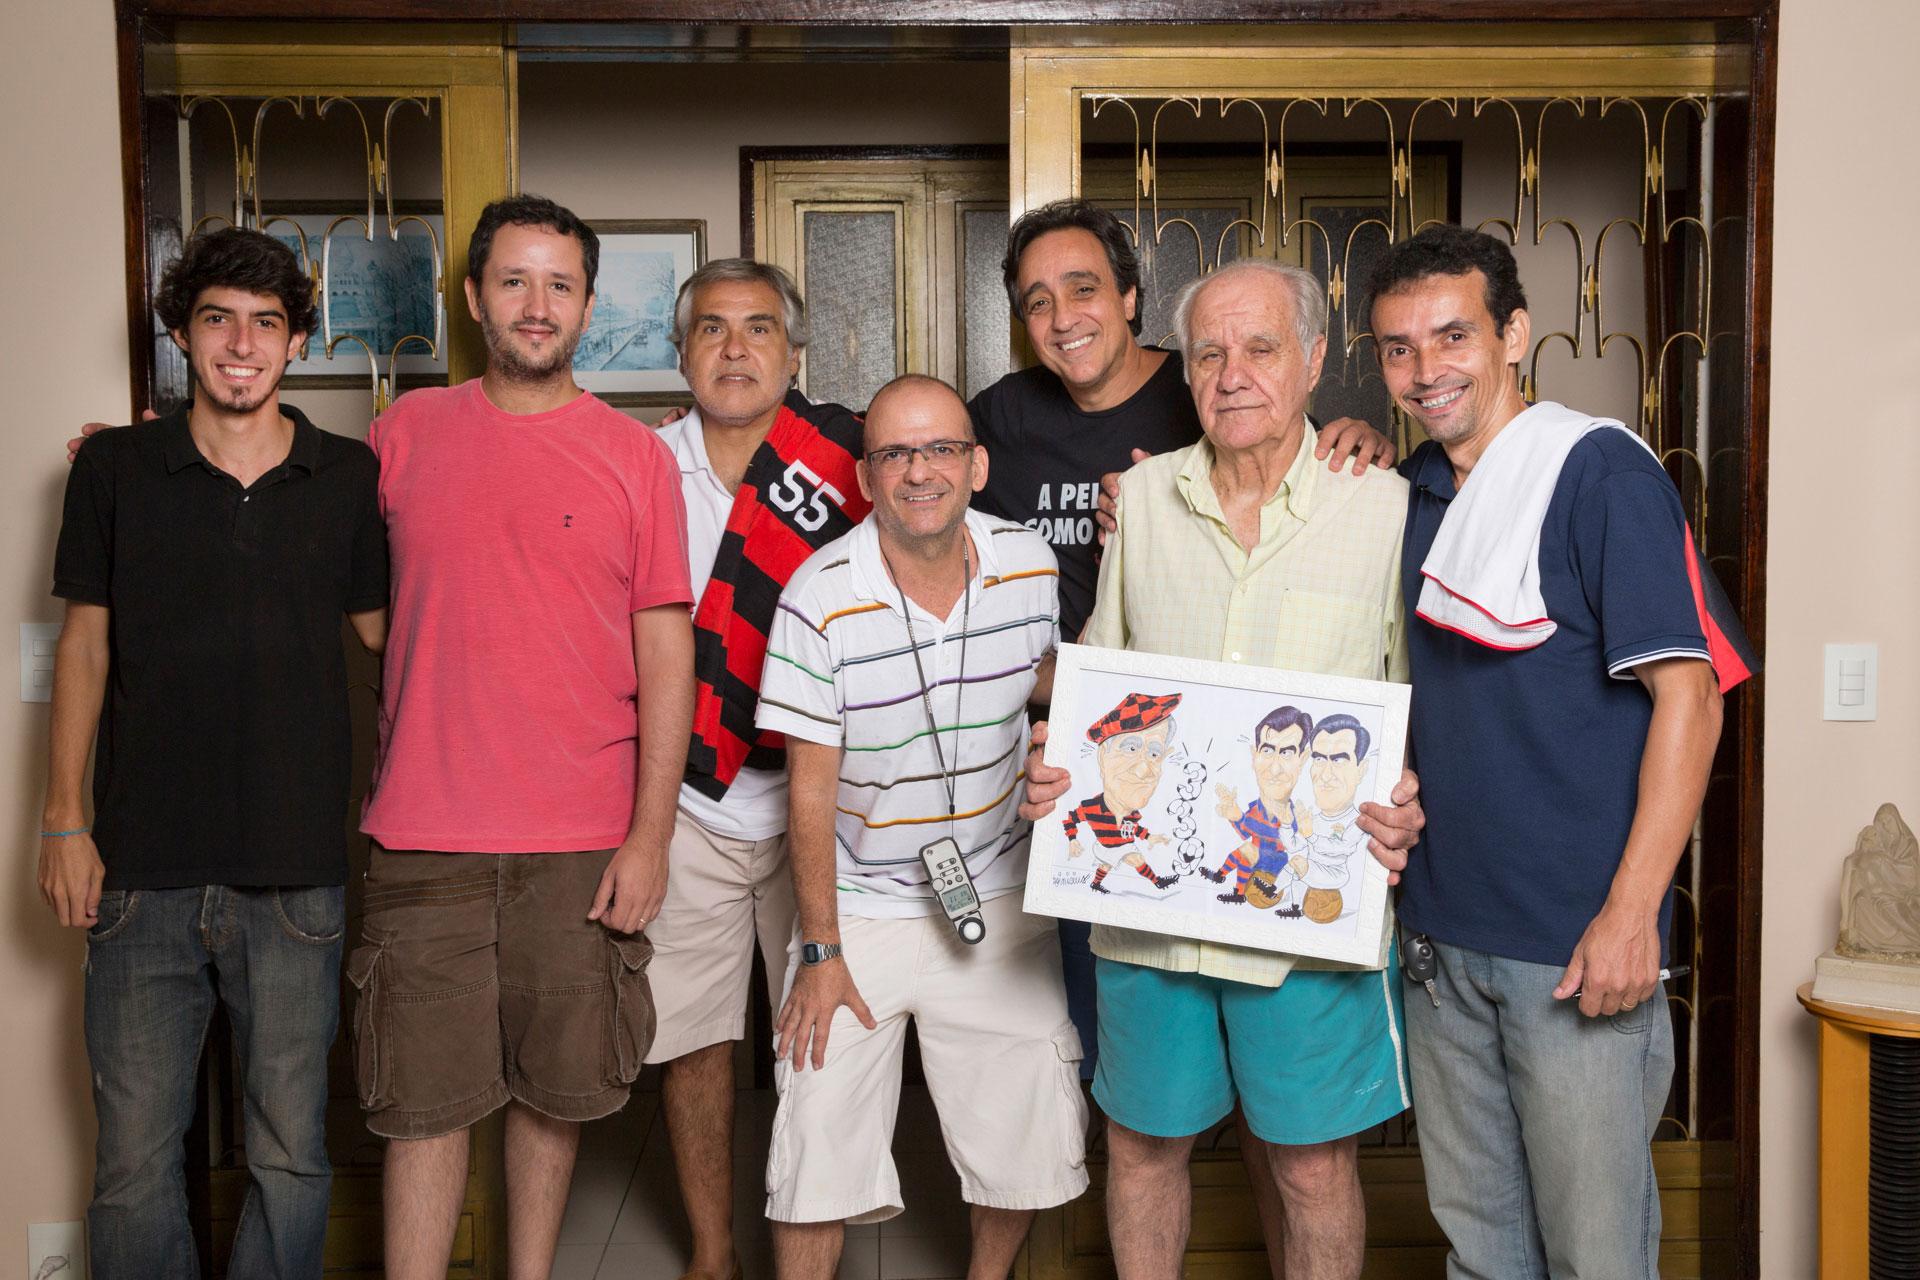 NOSSA EQUIPE: André, Daniel, Pepe (filho de Evaristo), Tabach, Pugliese e Evaristo, com o quadro, presente de Marcos Vinícius, a seu lado.